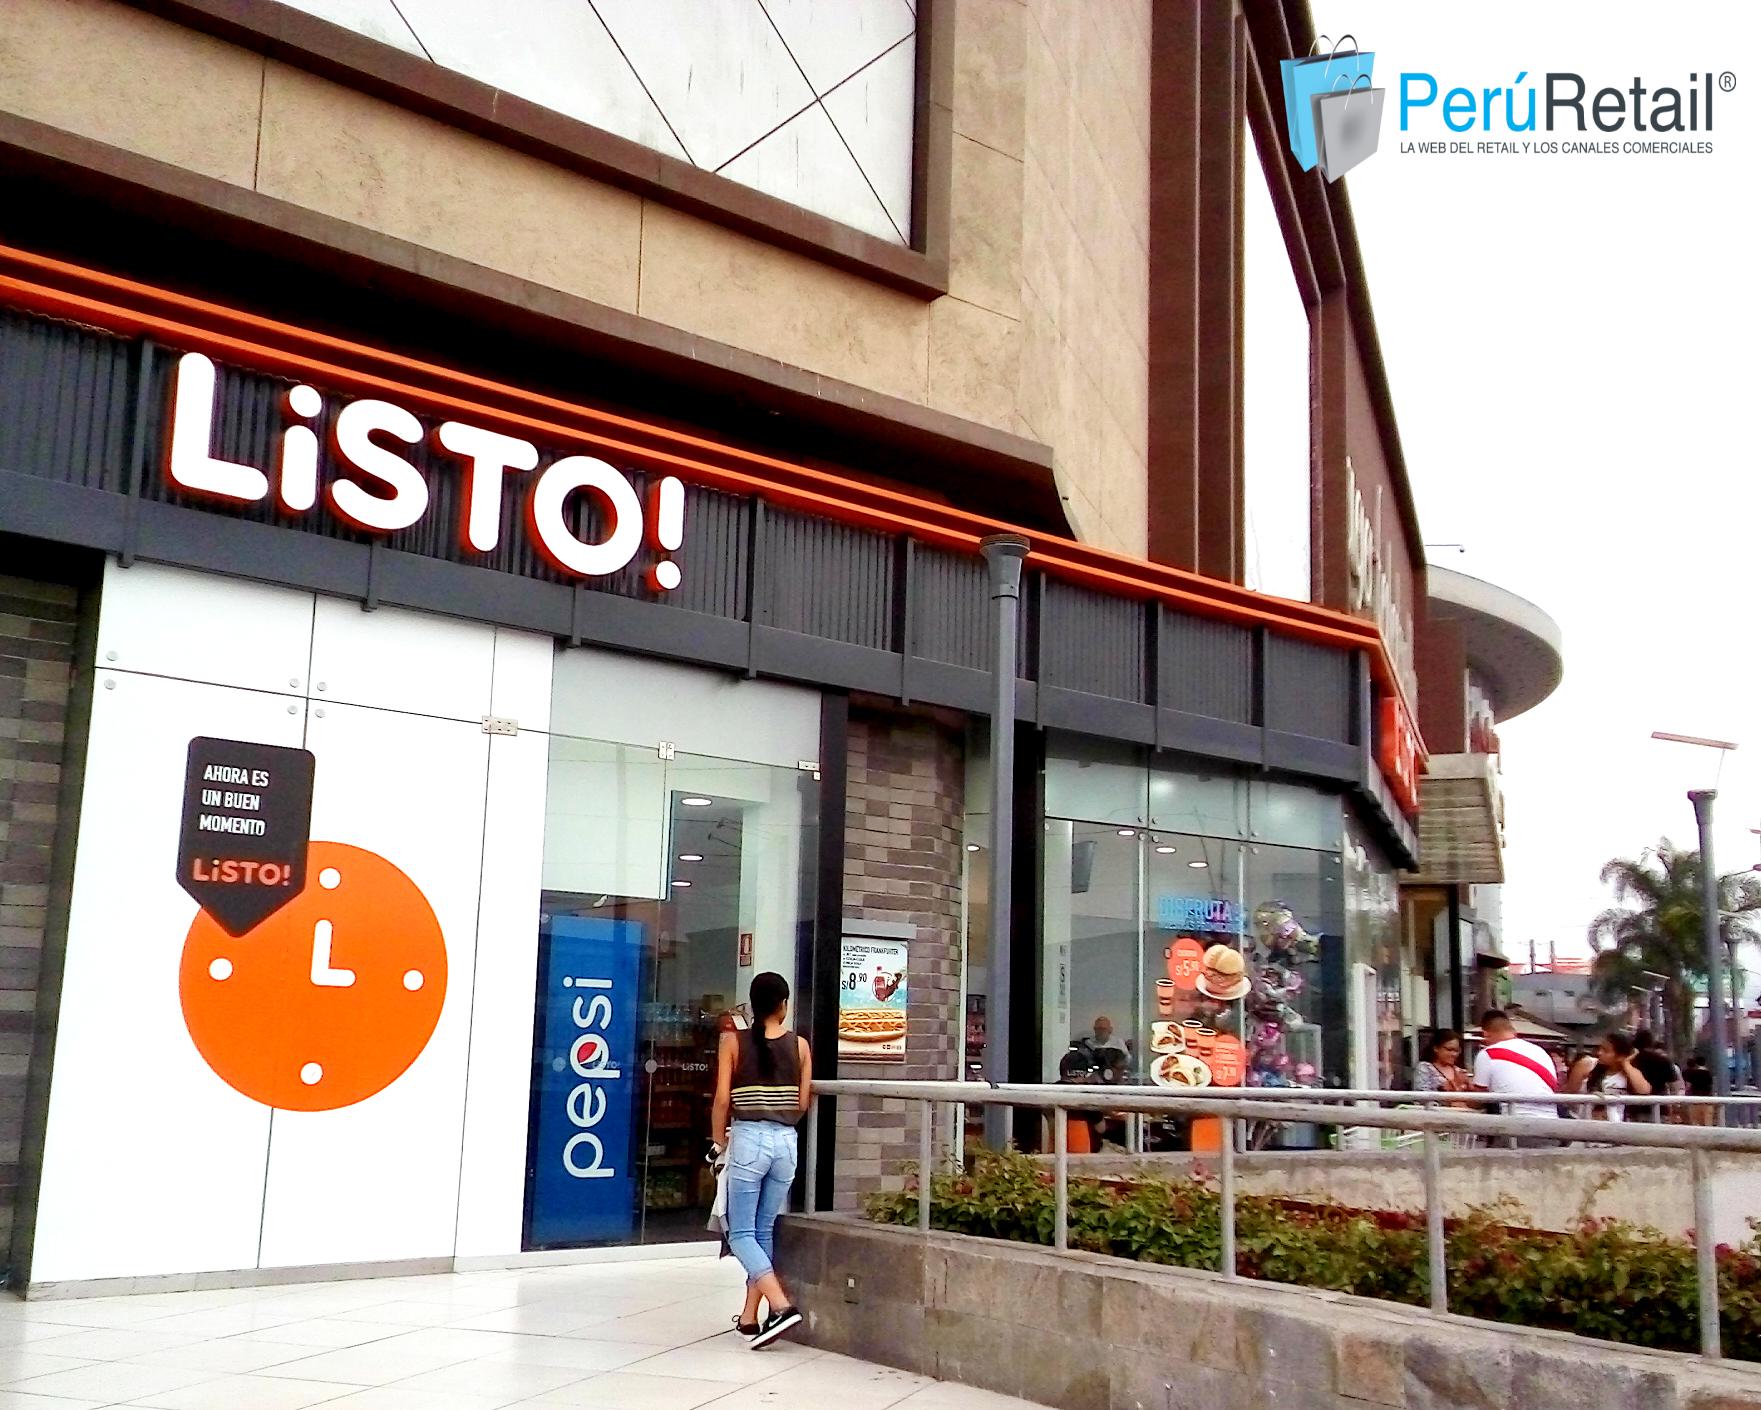 Listo MA Sta Anita 2 Peru Retail - Listo! abre tienda de conveniencia en centro comercial de Lima